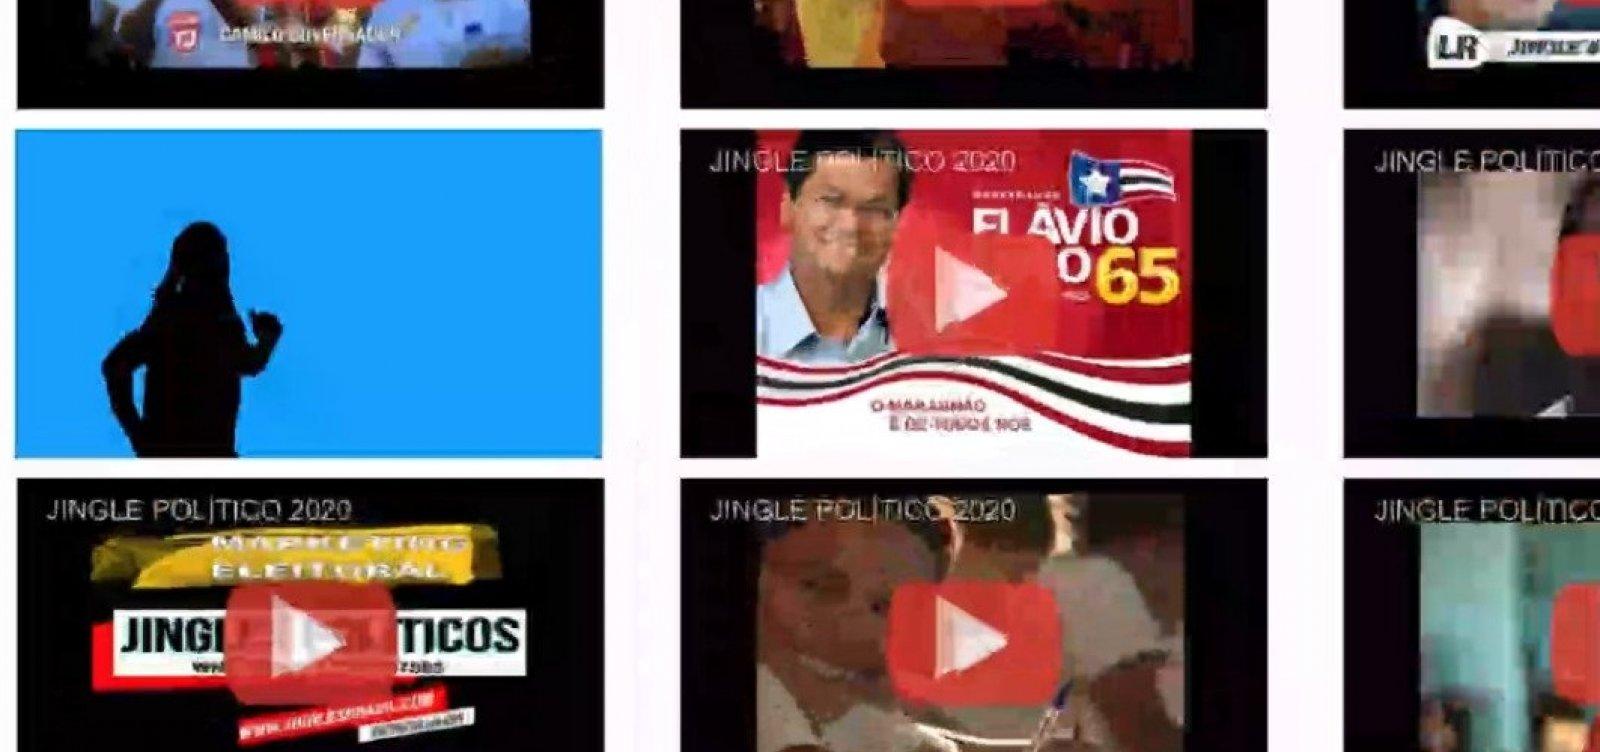 [Produtores de jingles políticos em Salvador acusam empresa de 'roubar' materiais]